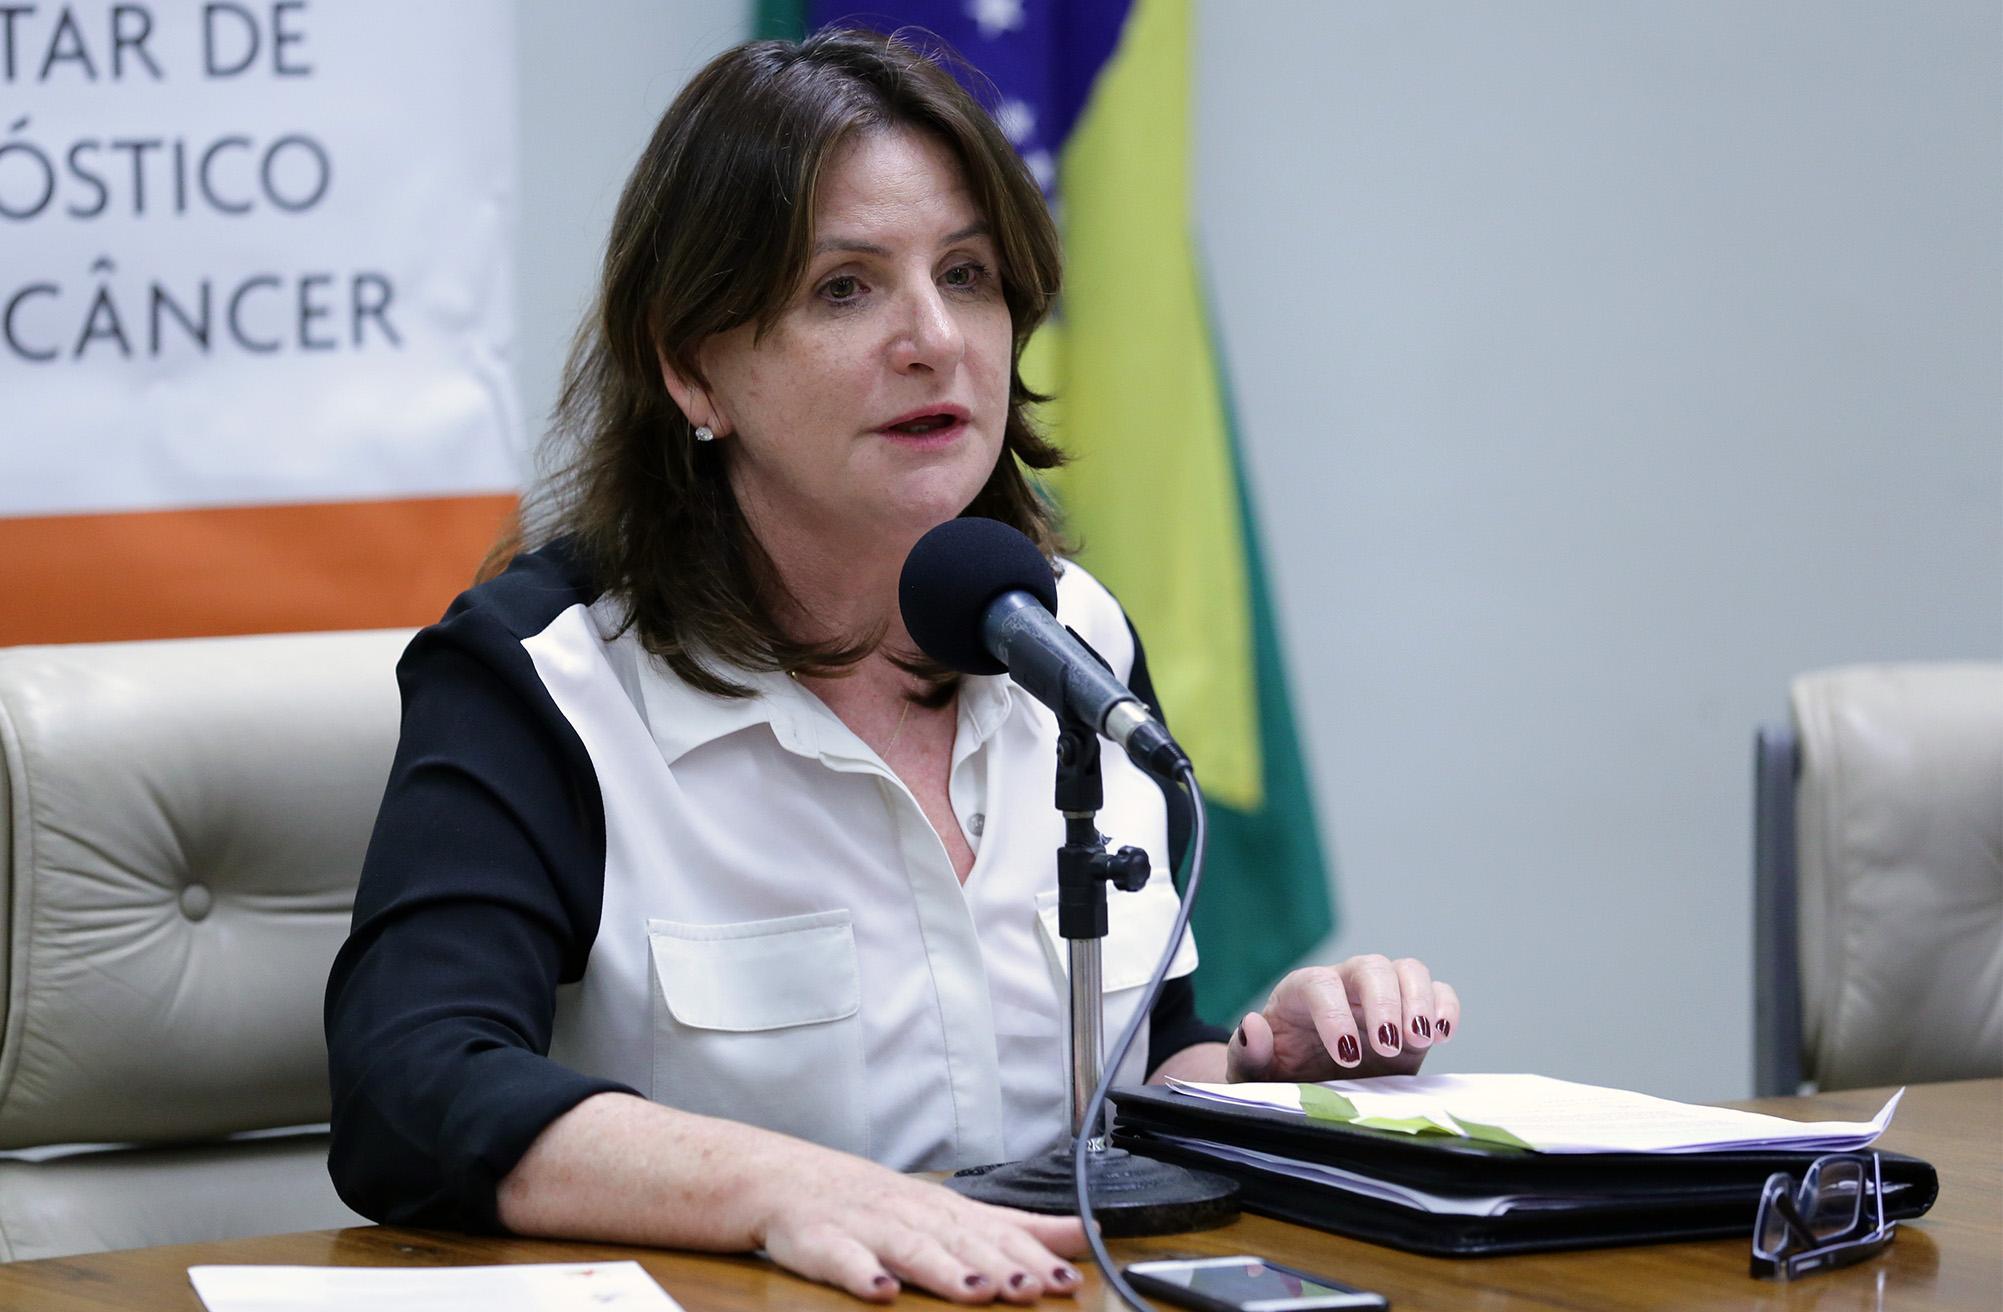 Seminário: Câncer de Intestino - prevenção, diagnóstico e tratamento no Brasil. Dep. Carmen Zanotto (PPS - SC)